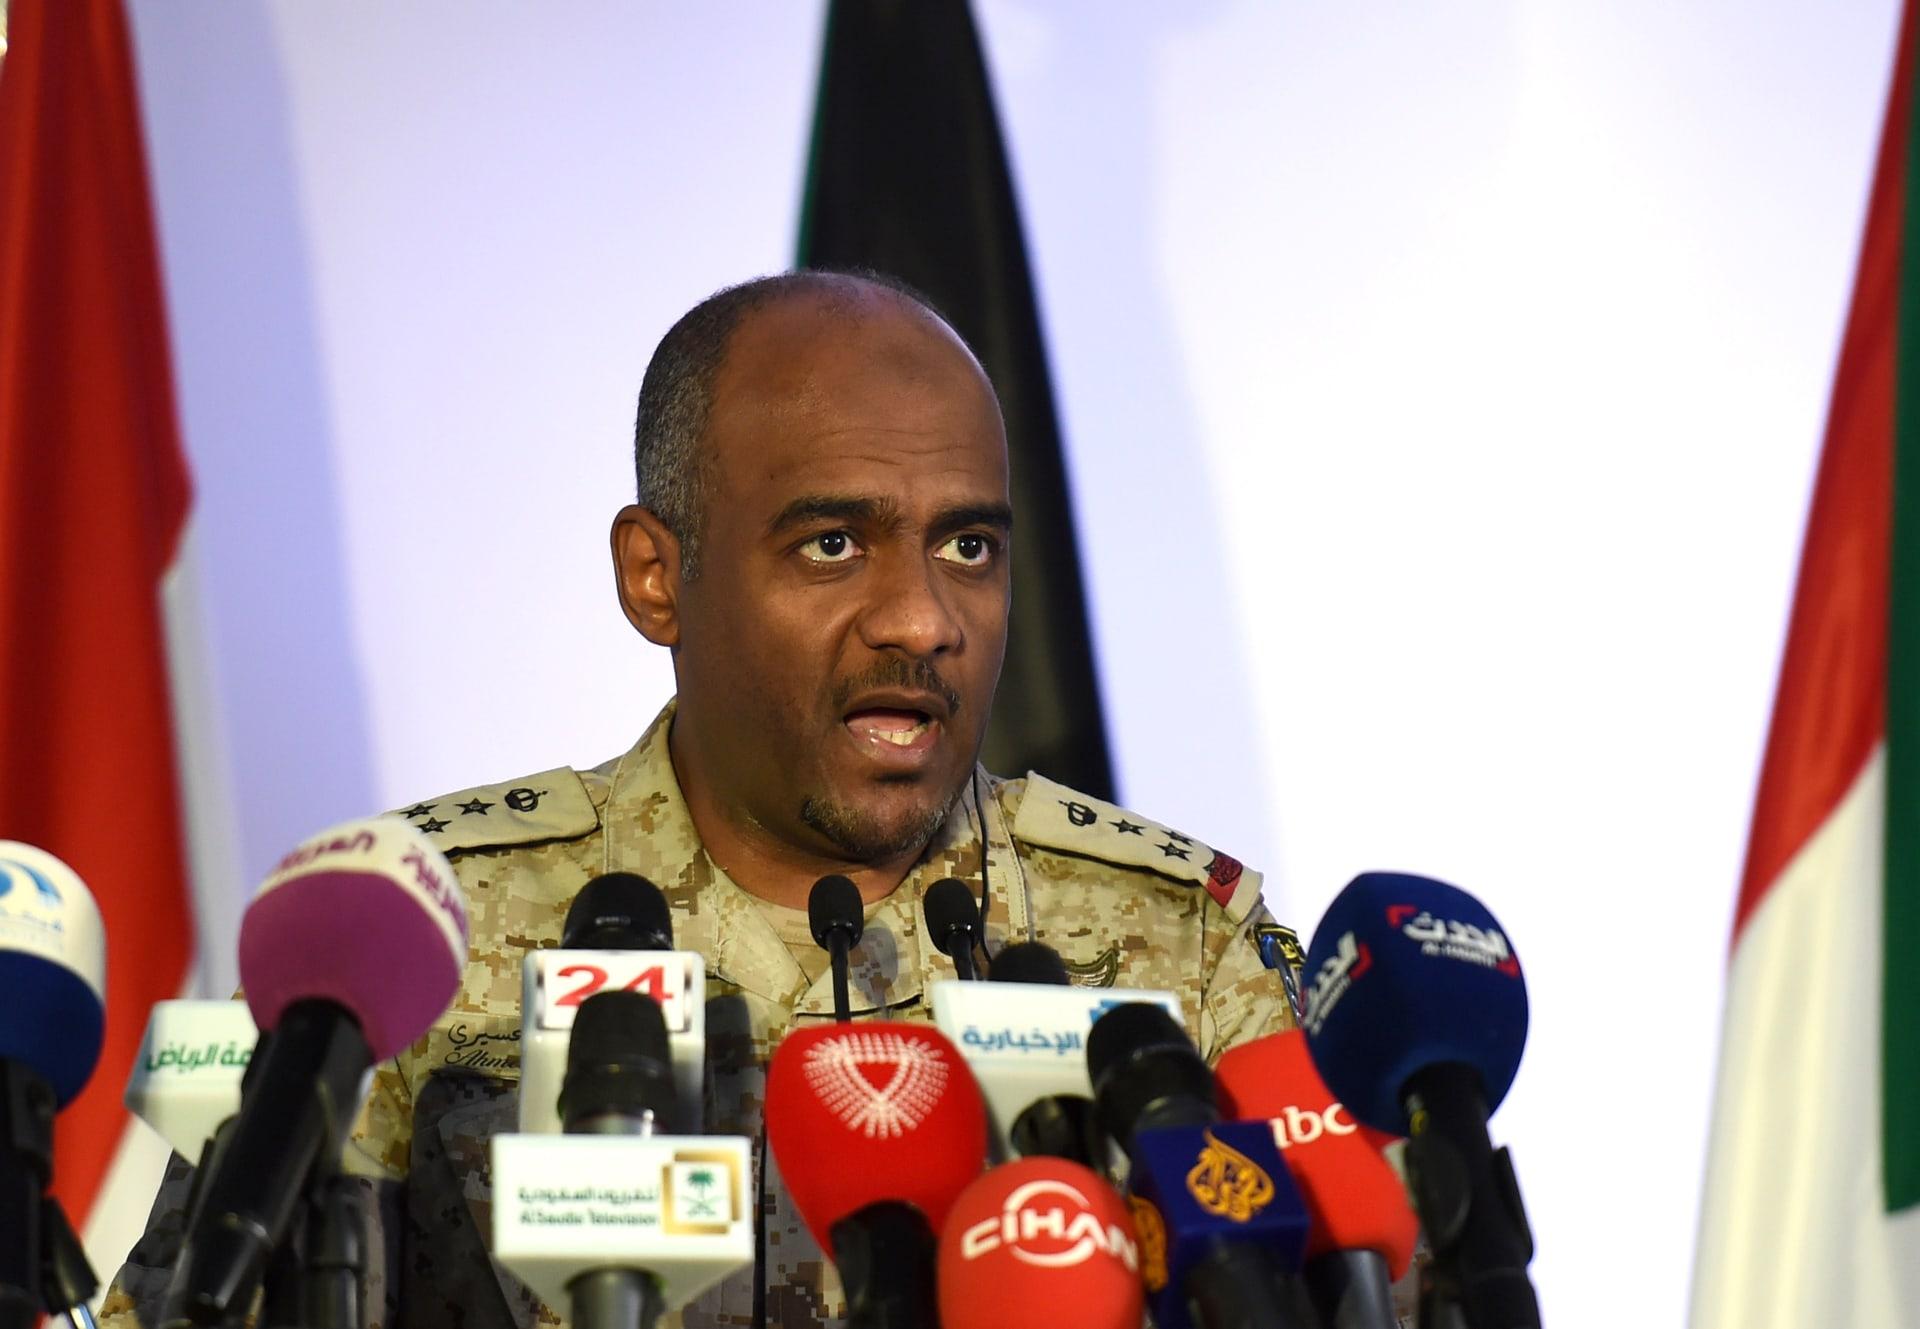 مصادر لـCNN: مقتل العشرات بينهم أطفال في غارات جوية على سوق مزدحم شمال اليمن.. وعسيري: تشكيل فريق مستقل للتحقق